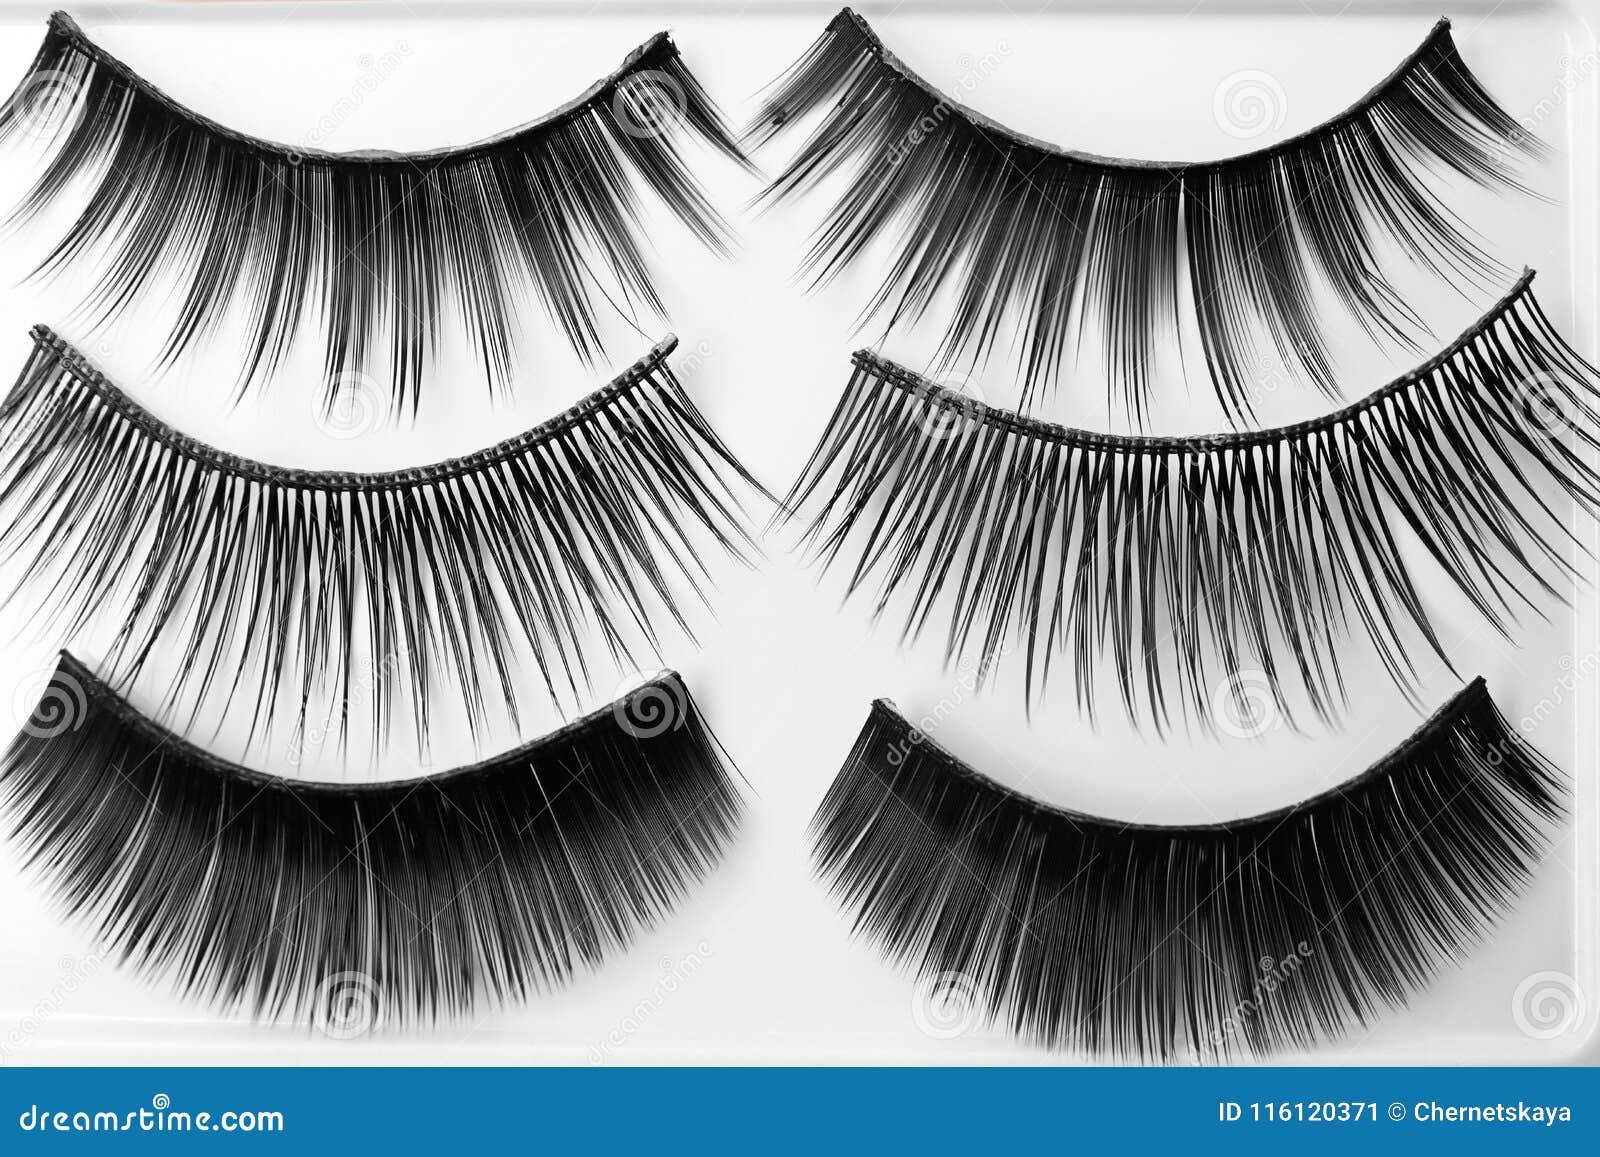 Different Types Of False Eyelashes Stock Image Image Of Cosmetic